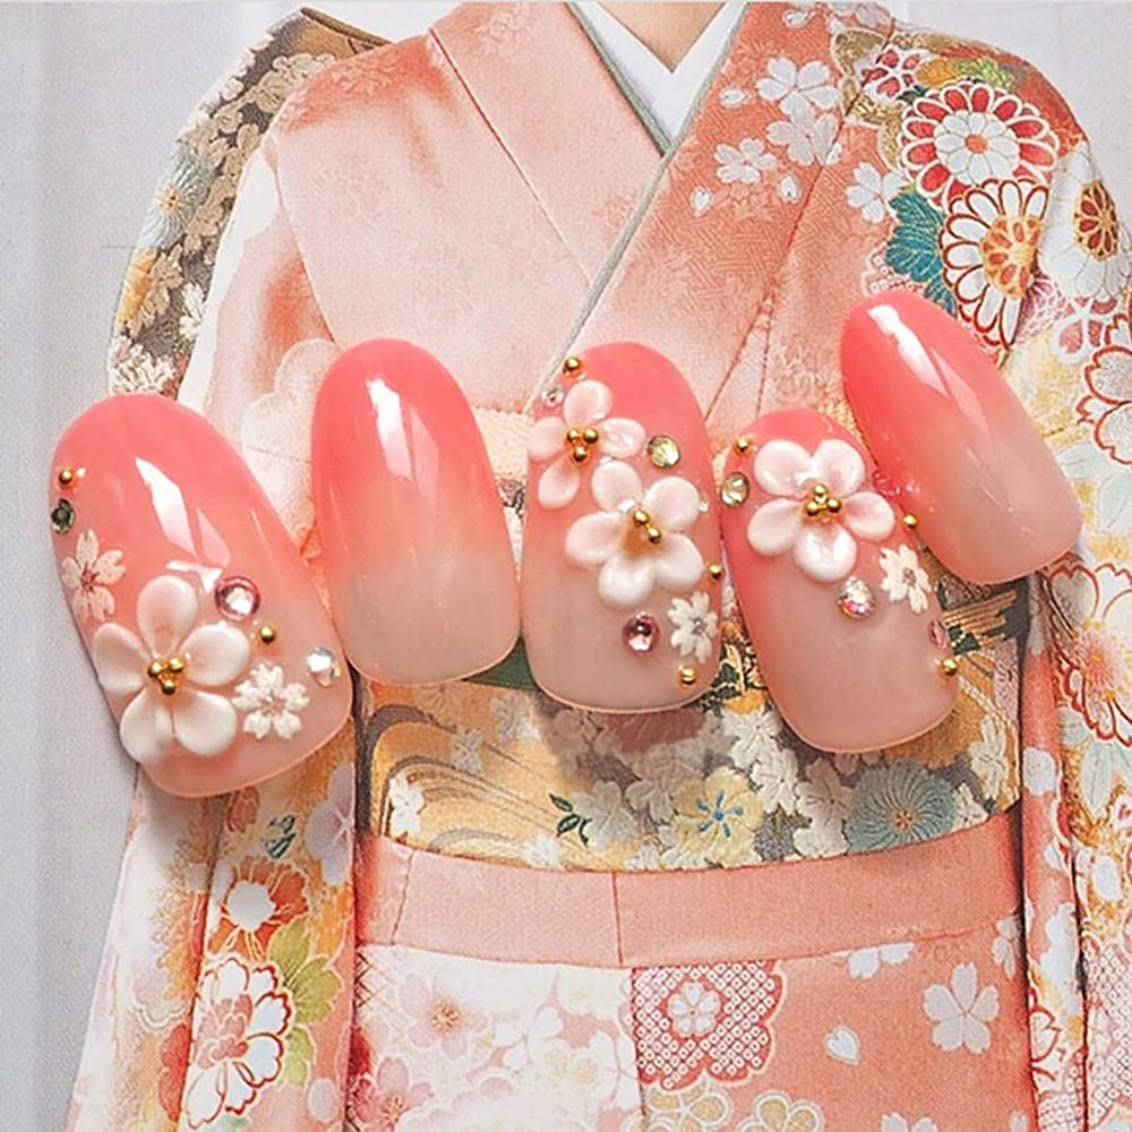 表示感情側XUTXZKA ファッションのために装飾された24pcsファッションロングフェイクネイルのヒントオーバルピンクグラデーションの花